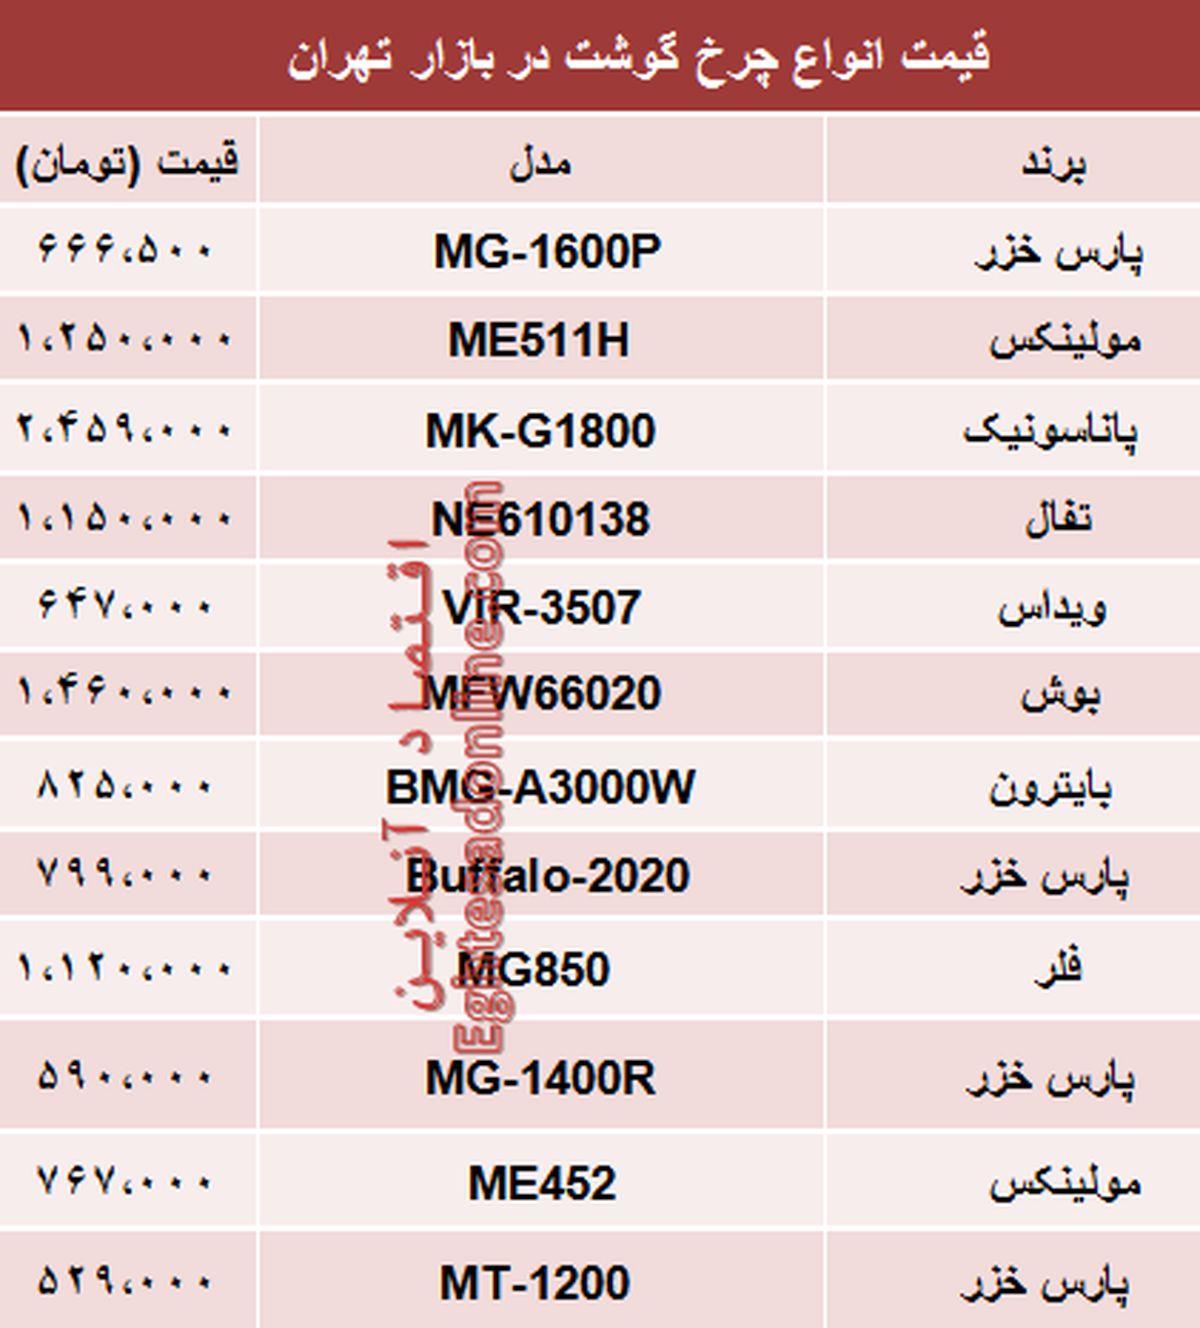 قیمت انواع چرخ گوشت در بازار تهران؟ +جدول